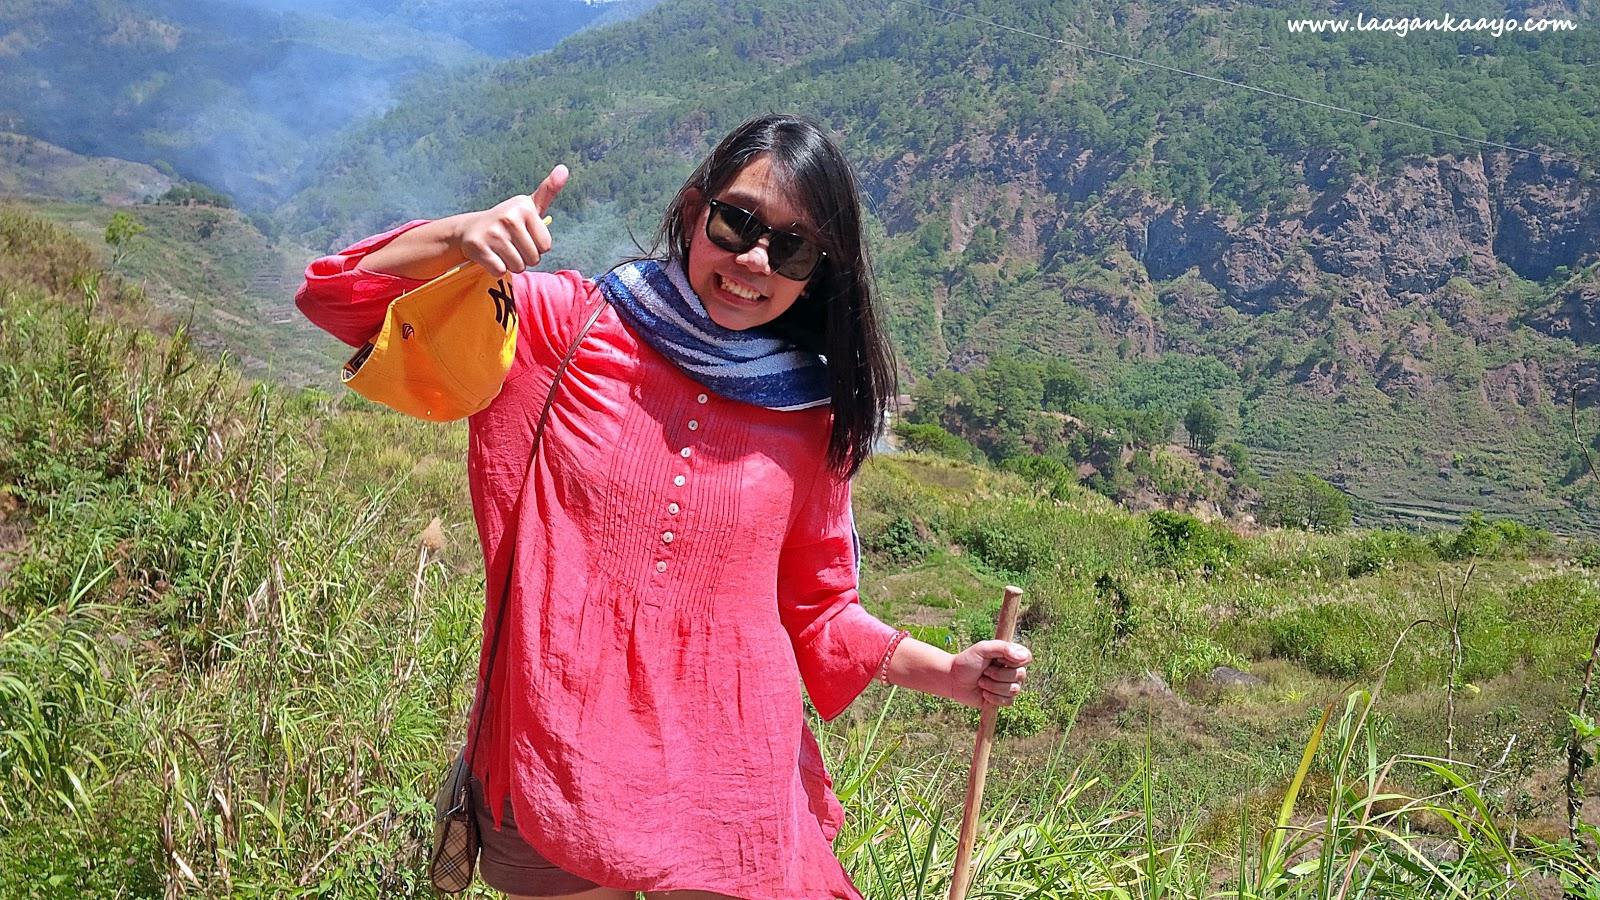 Laagan Kaayo in Bomod-ok Falls, Sagada